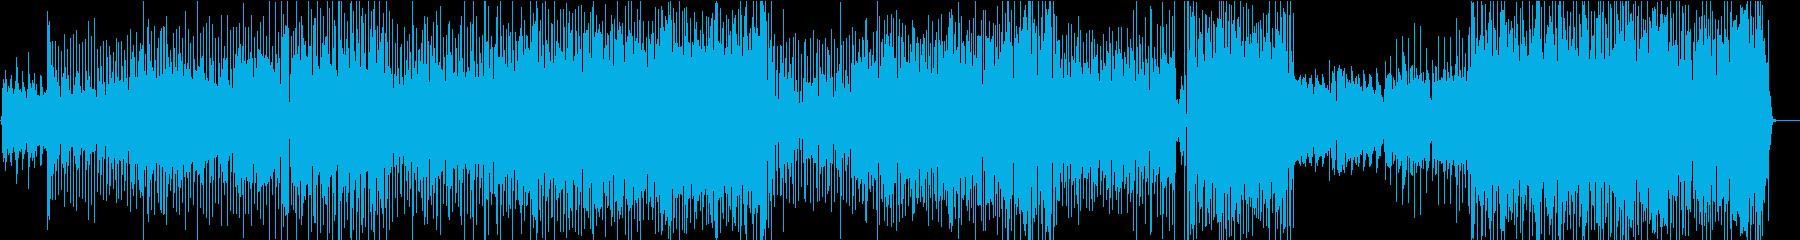 ライトなラテンのリズムのサックスメロディの再生済みの波形